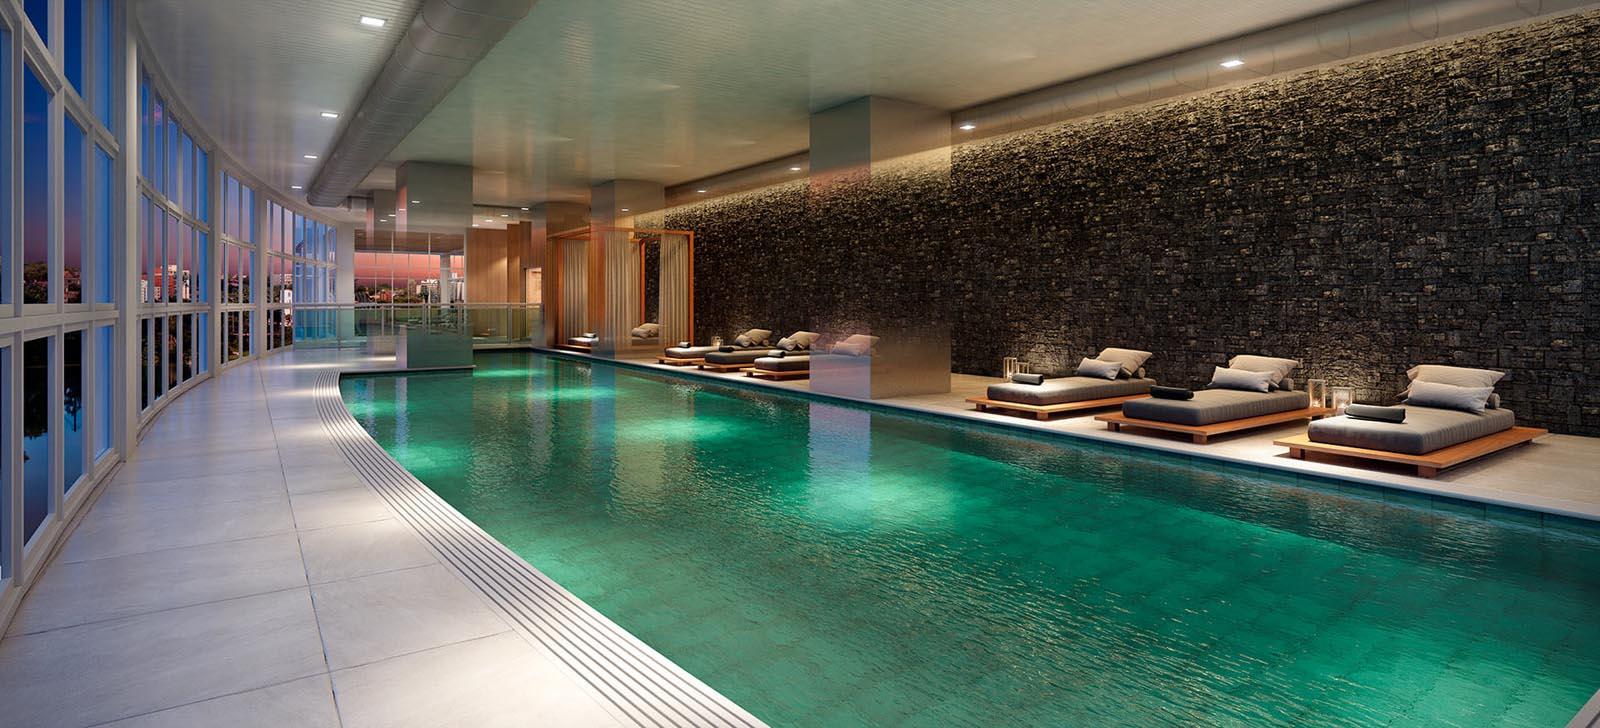 Perspectiva ilustrada da piscina coberta.